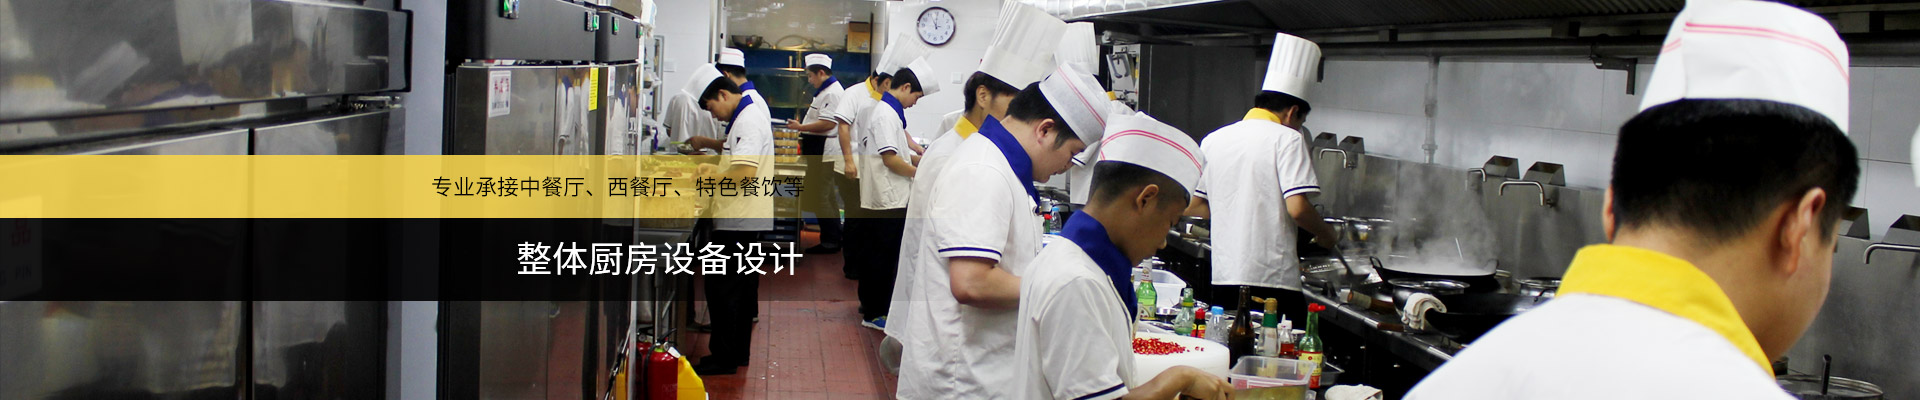 饭店厨房设计